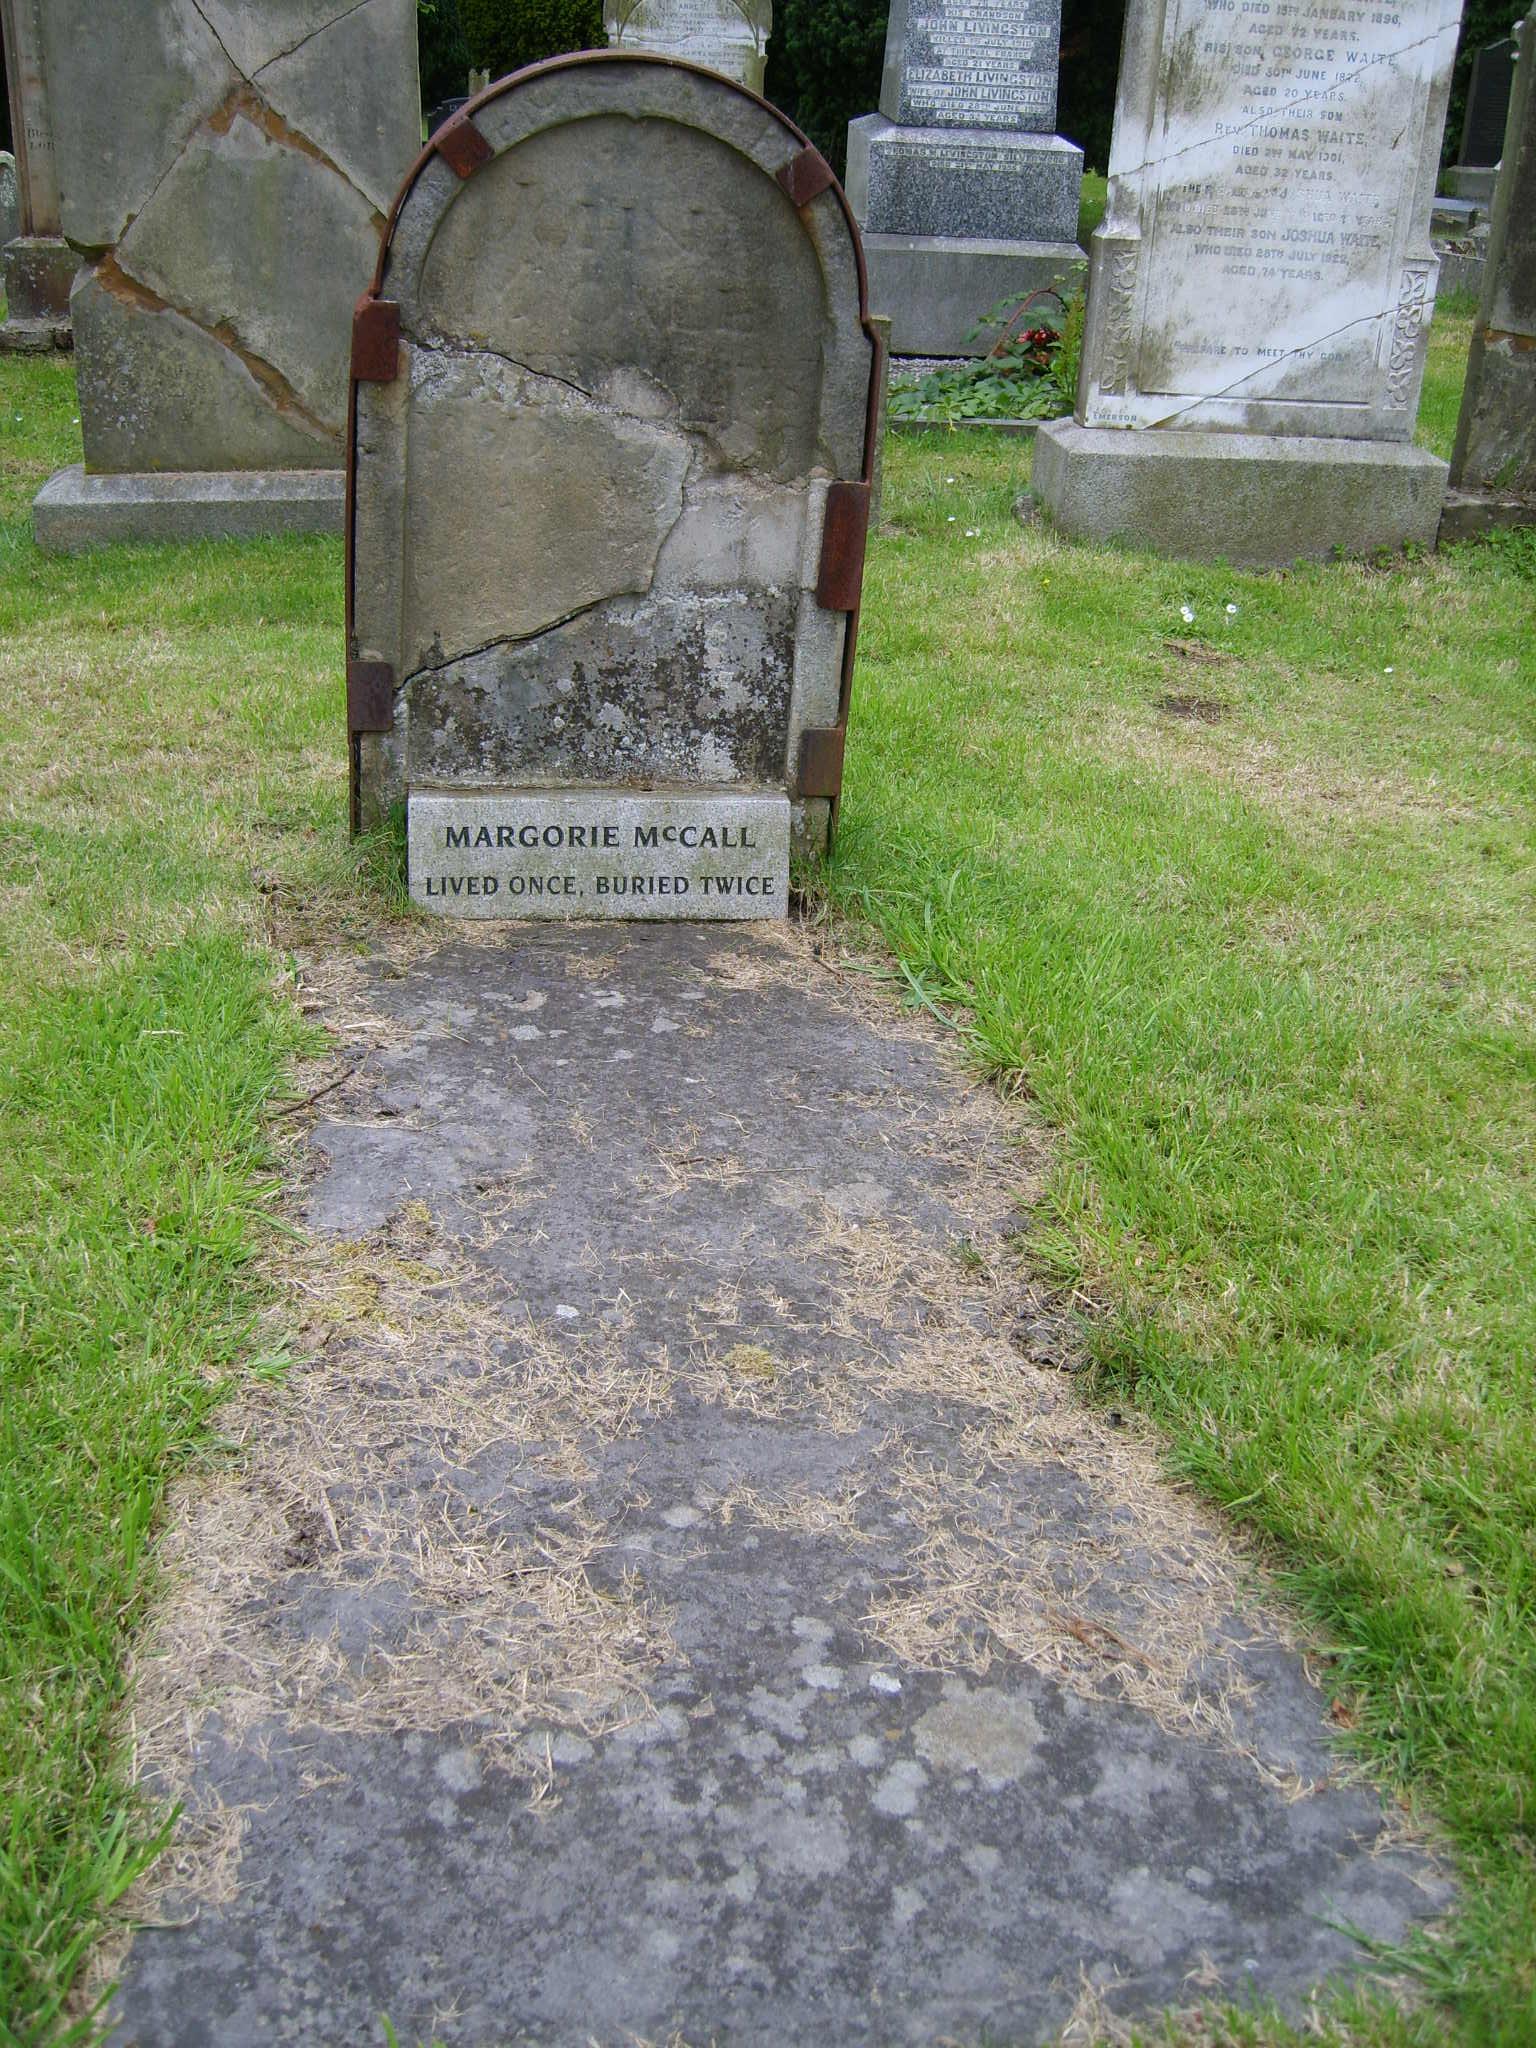 Margorie McCall, la donna che venne sepolta due volte